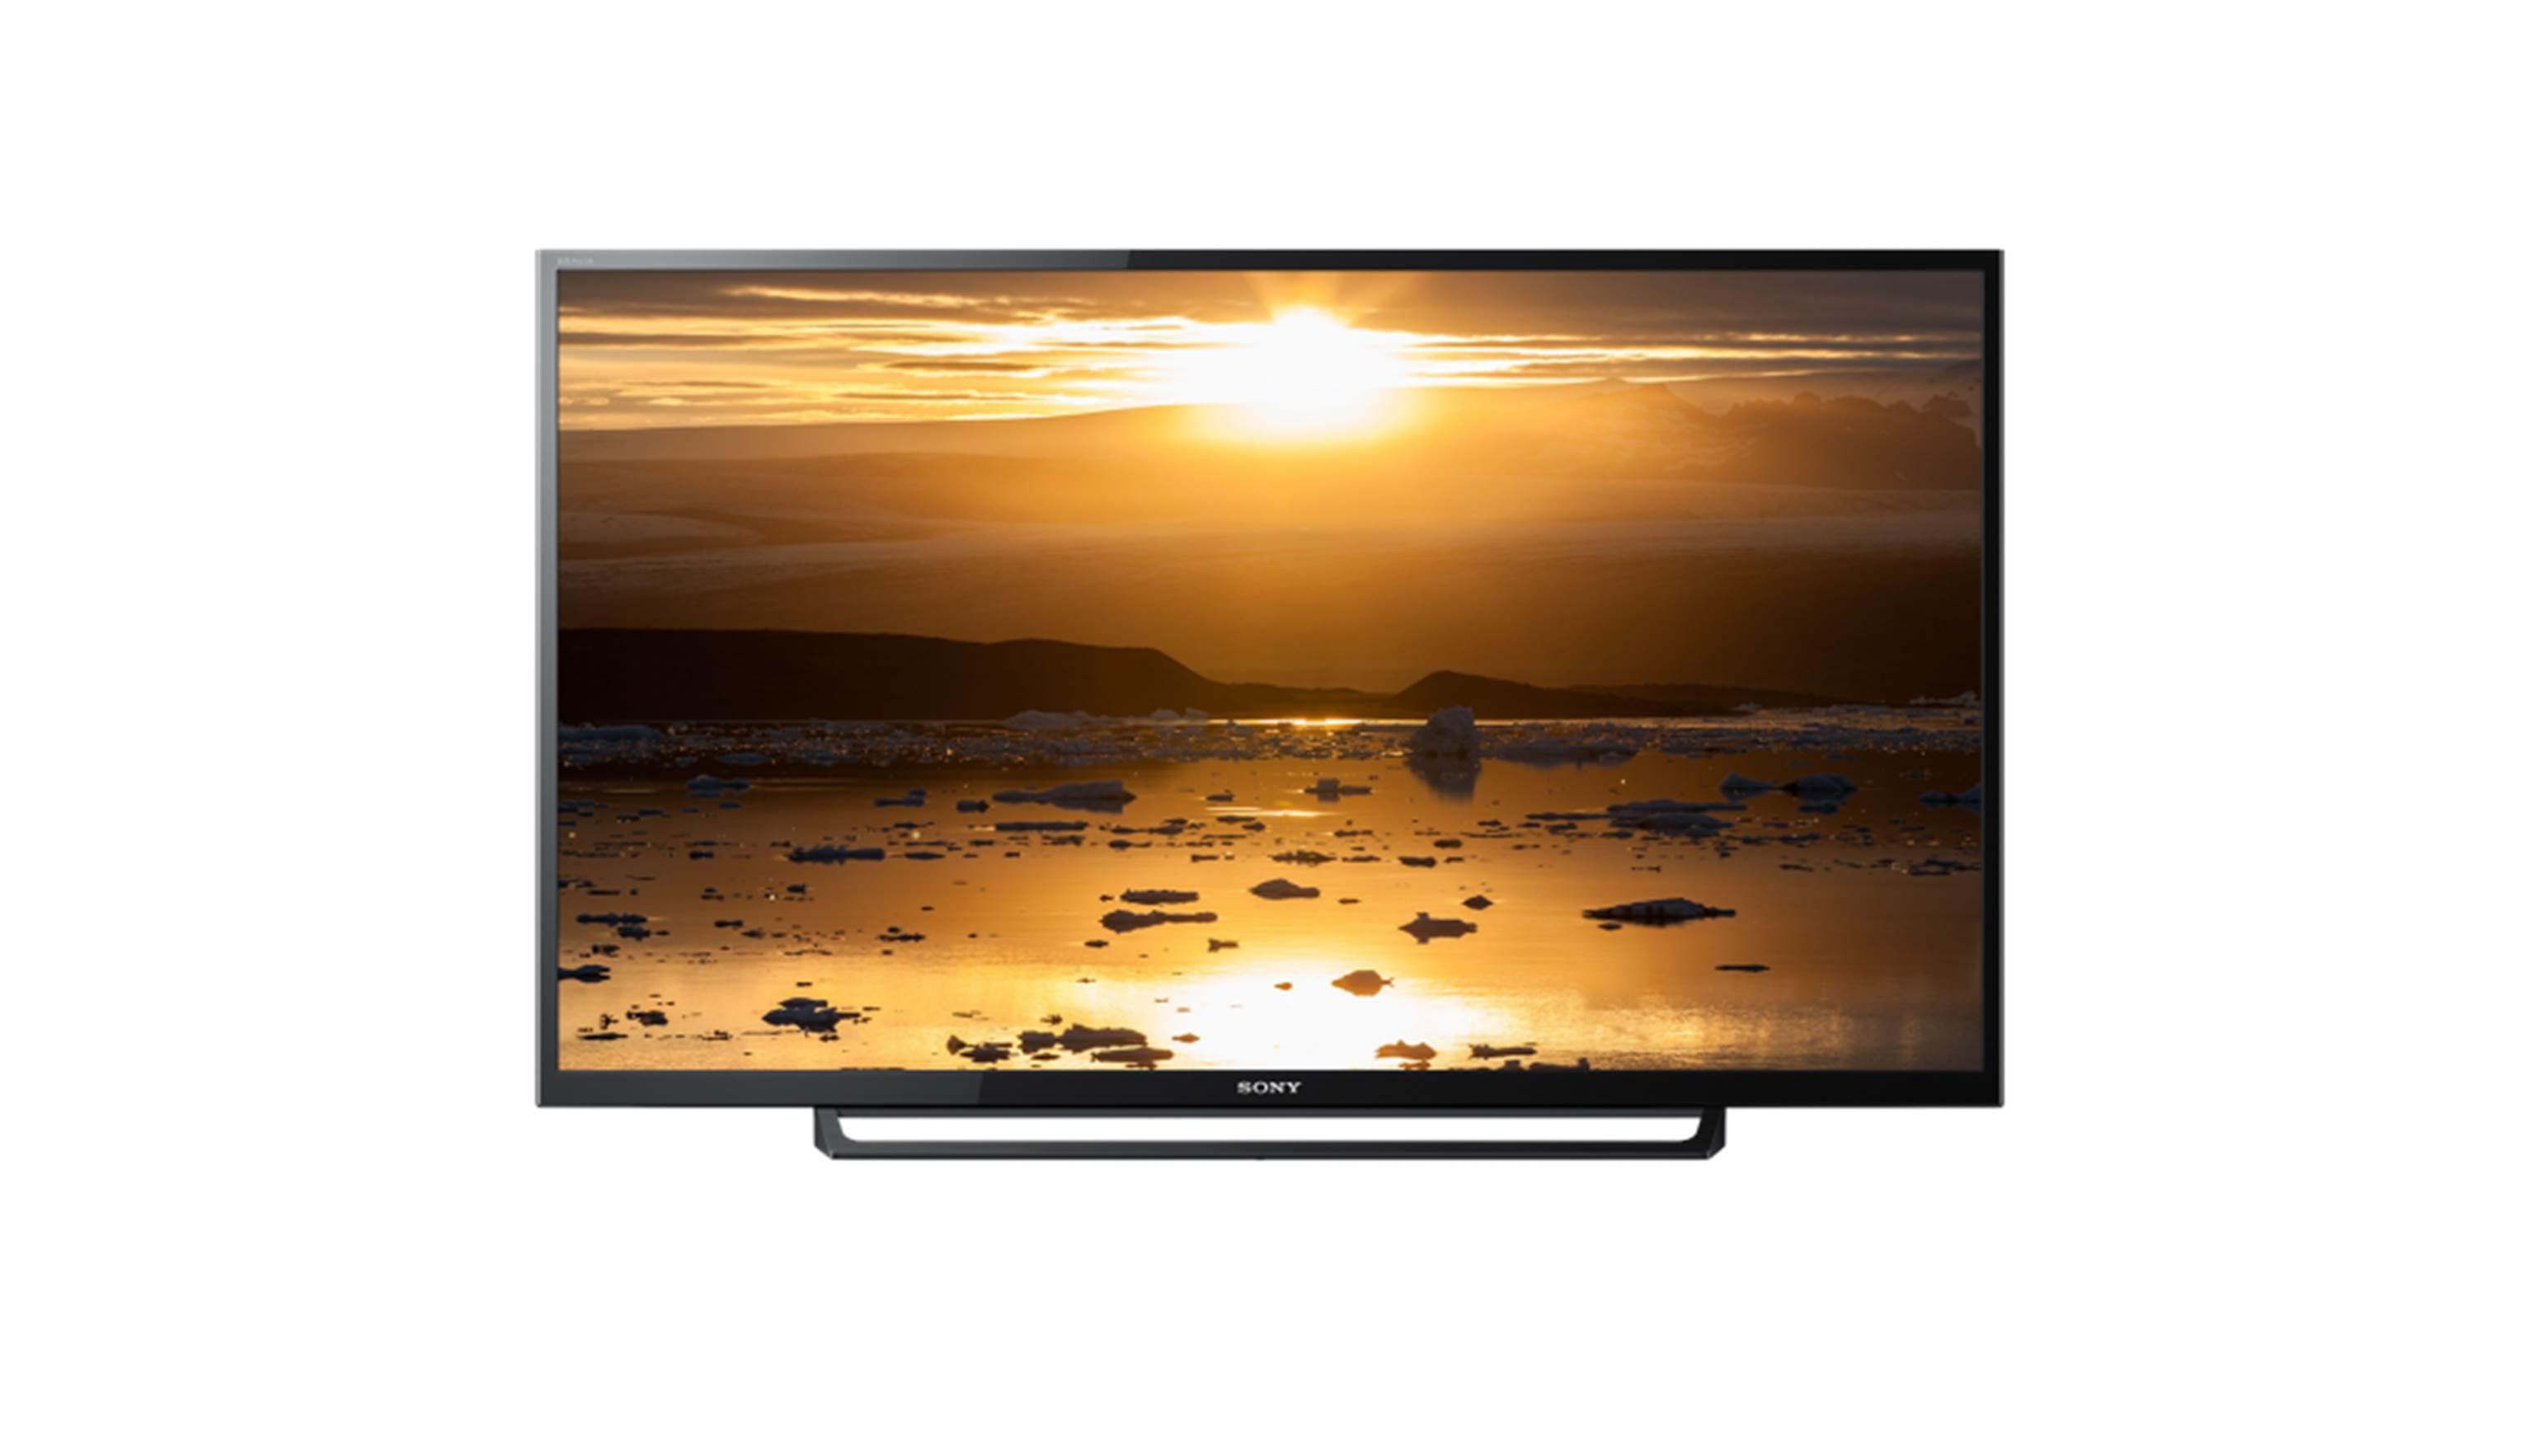 Sony KDL-32R300E 32 Full HD LED TV